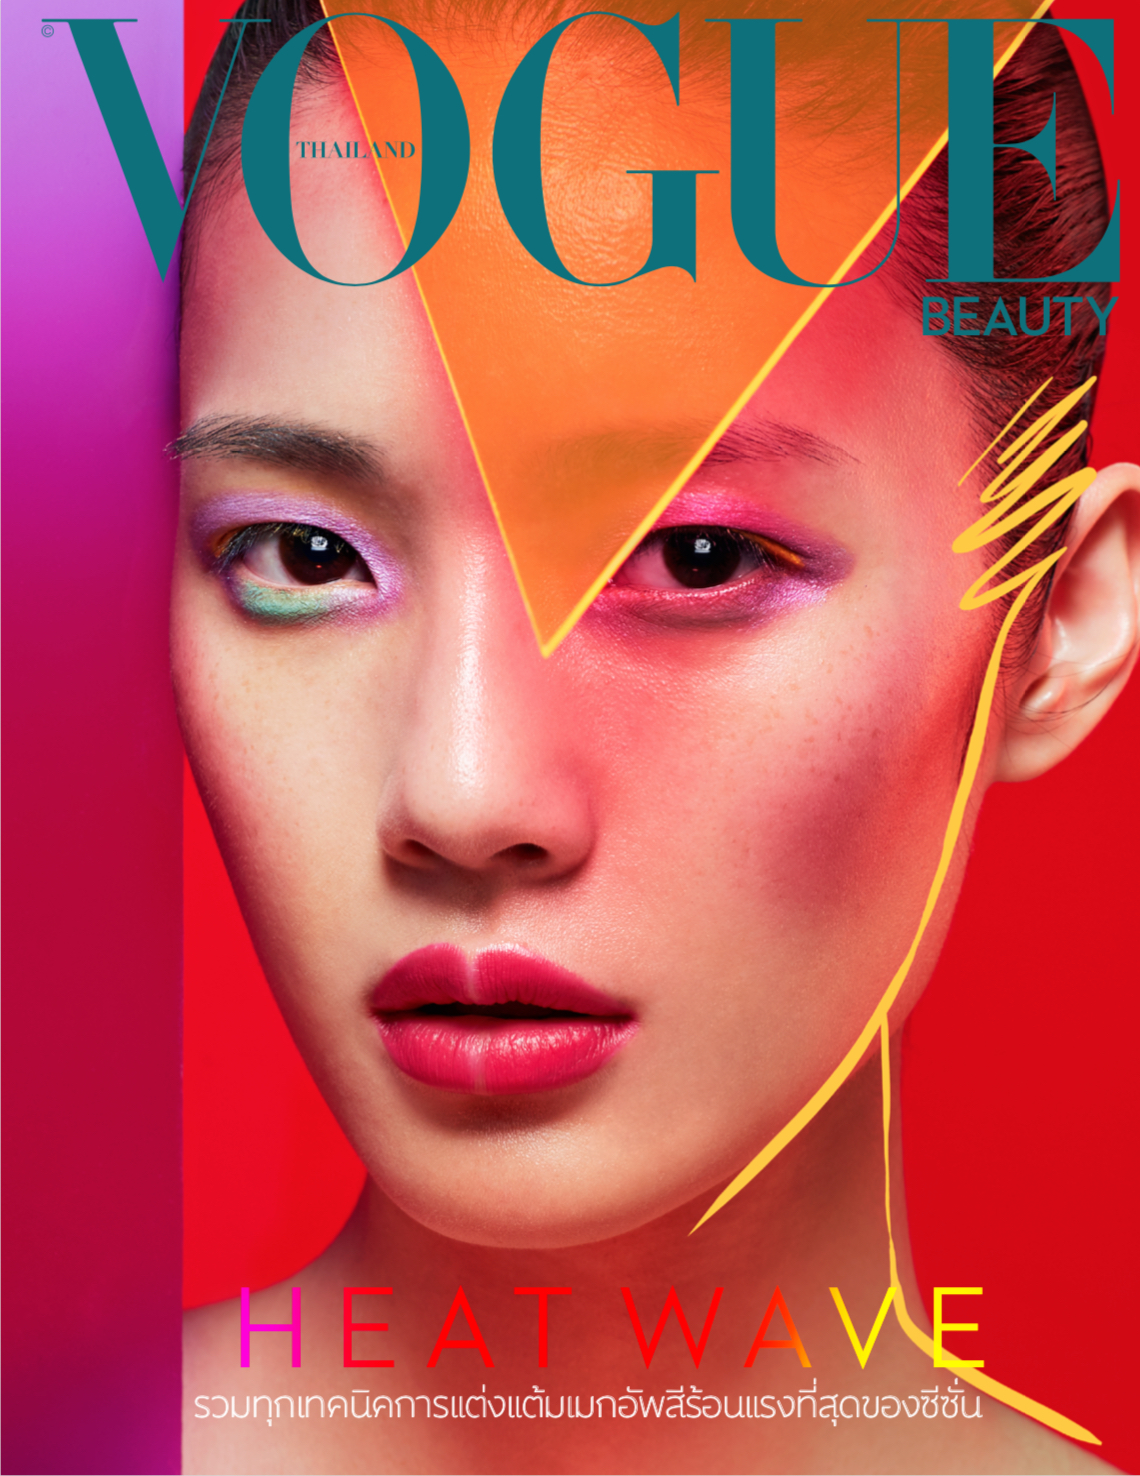 Vogue Thailand Cover